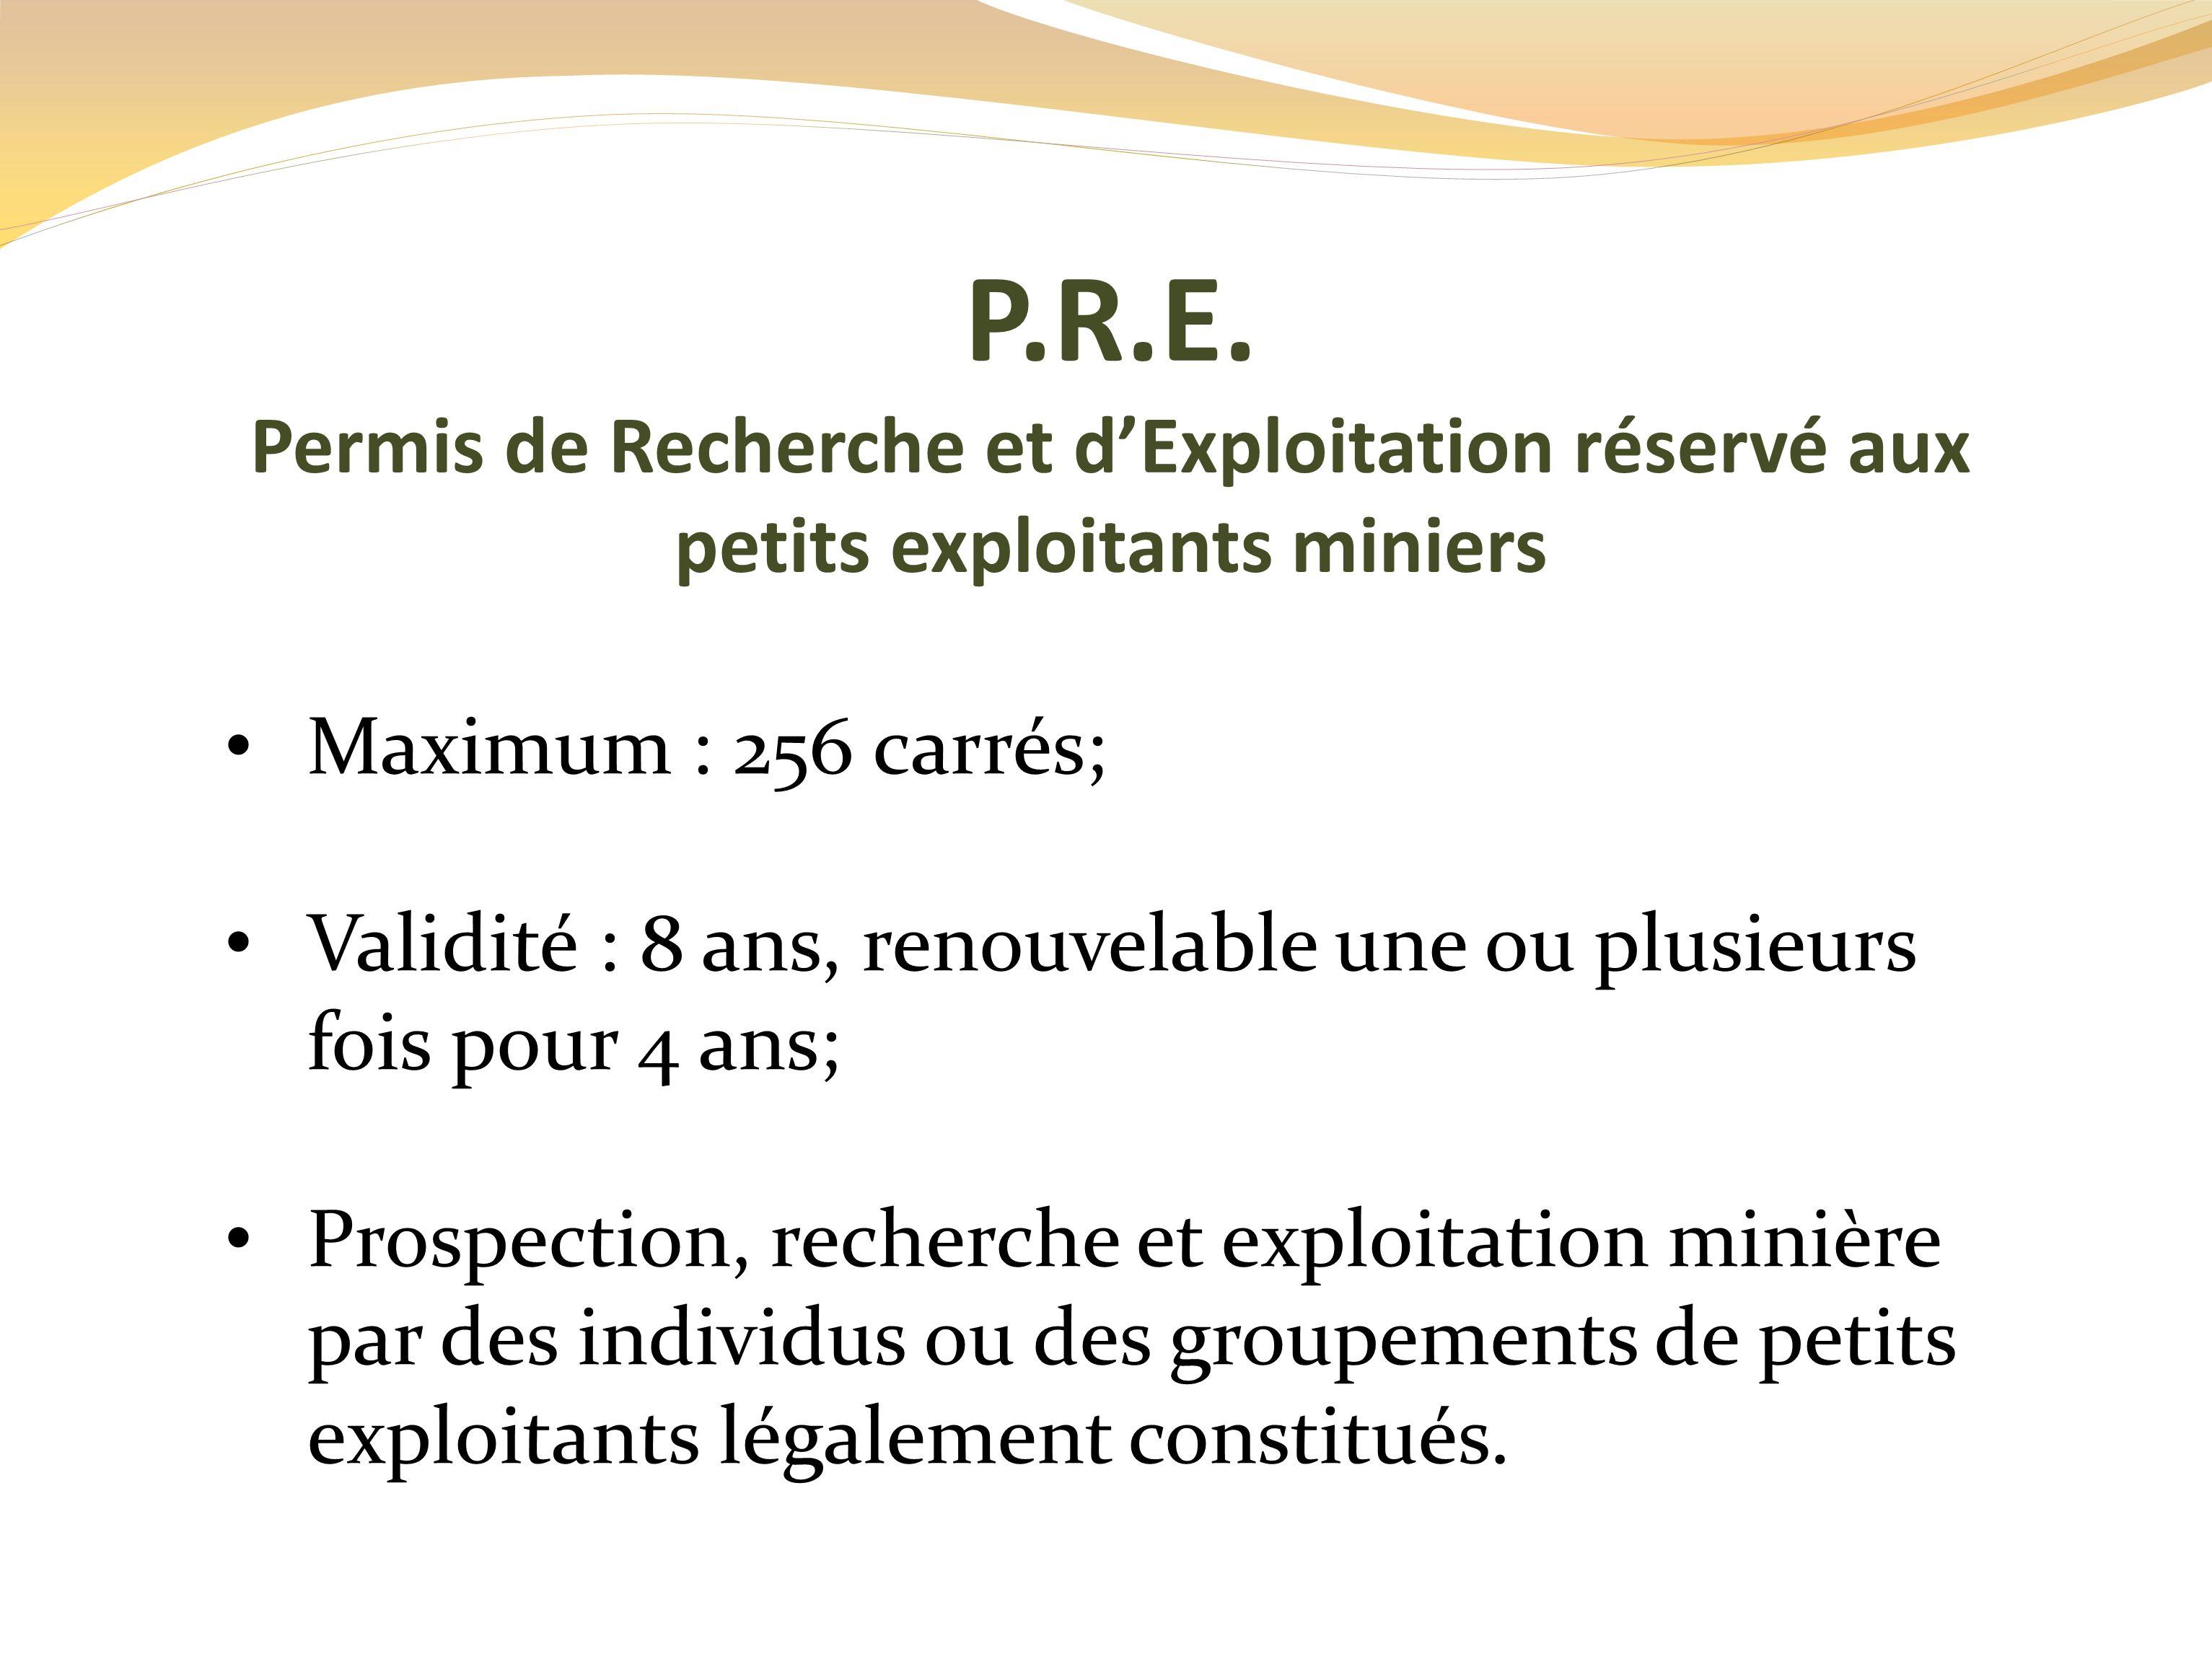 P.R.E. Permis de Recherche et d'Exploitation réservé aux petits exploitants miniers. Maximum : 256 carrés;